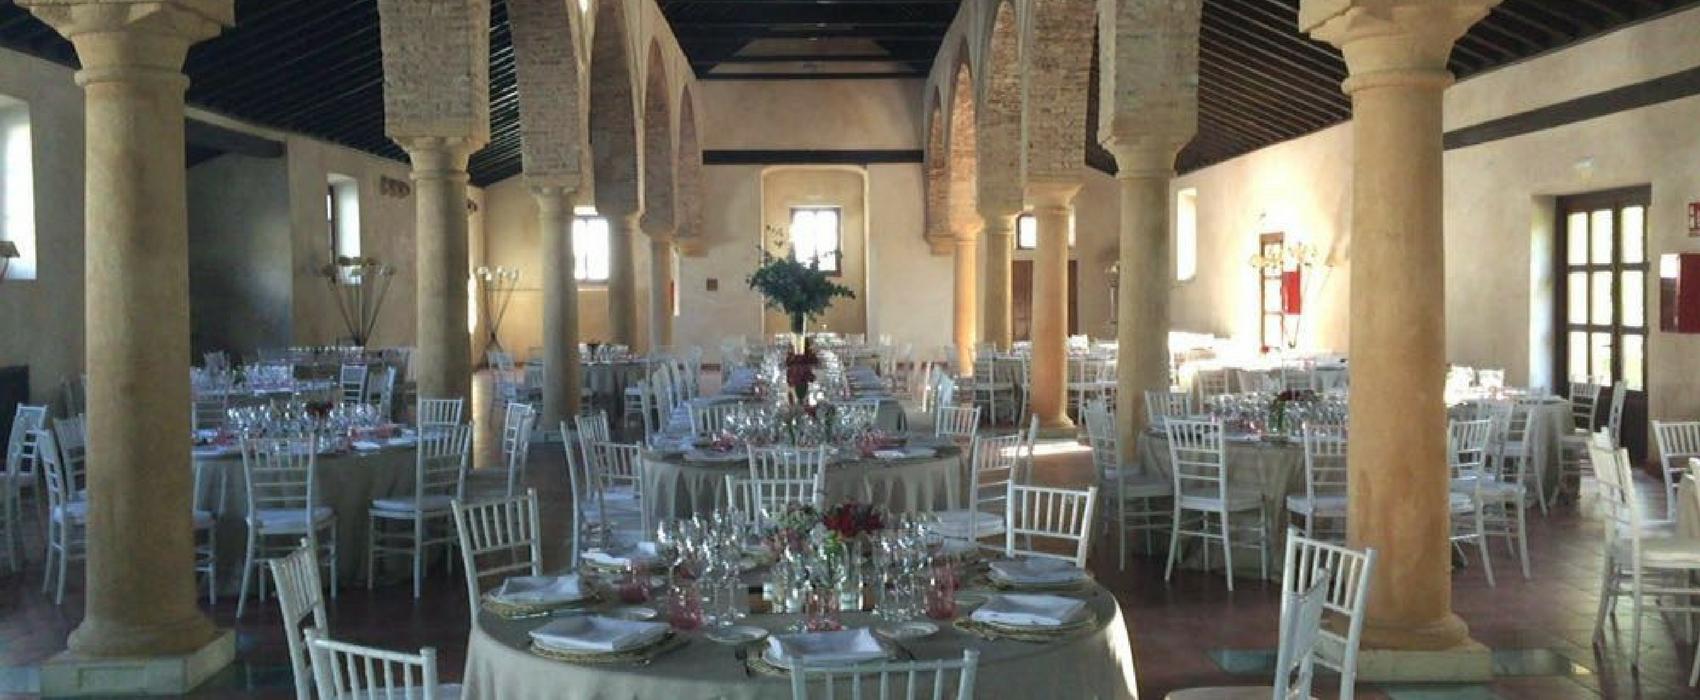 Hacienda Clarevot interior